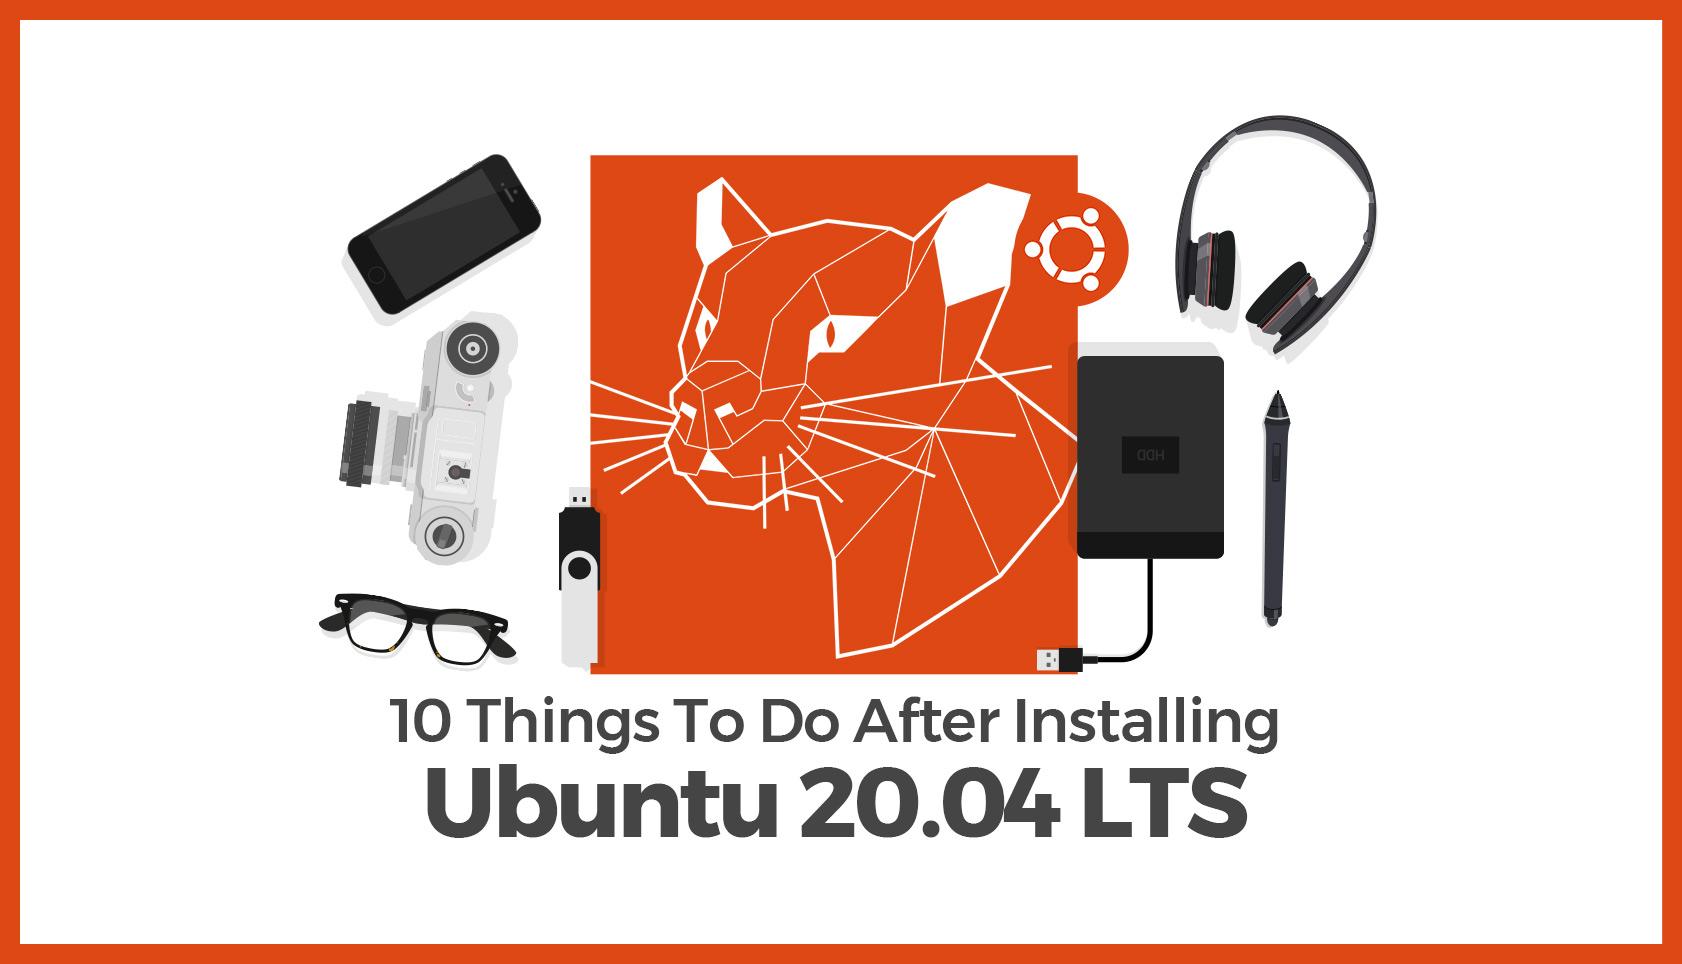 10-things-1.jpg